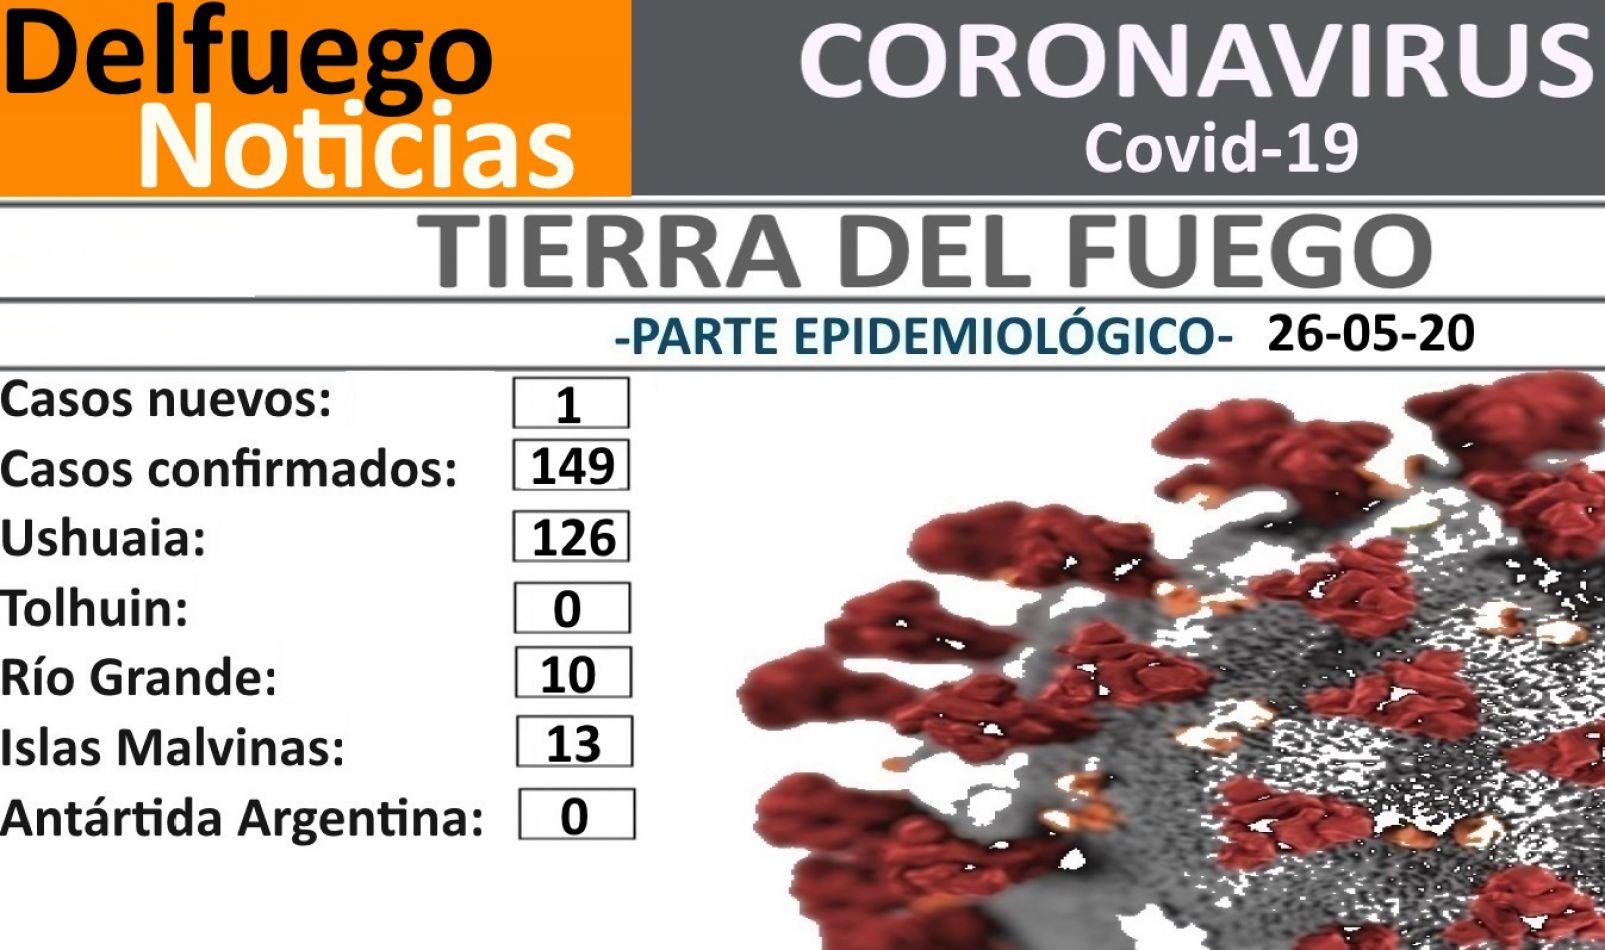 Nuevo caso positivo de COVID-19 en la ciudad de Ushuaia